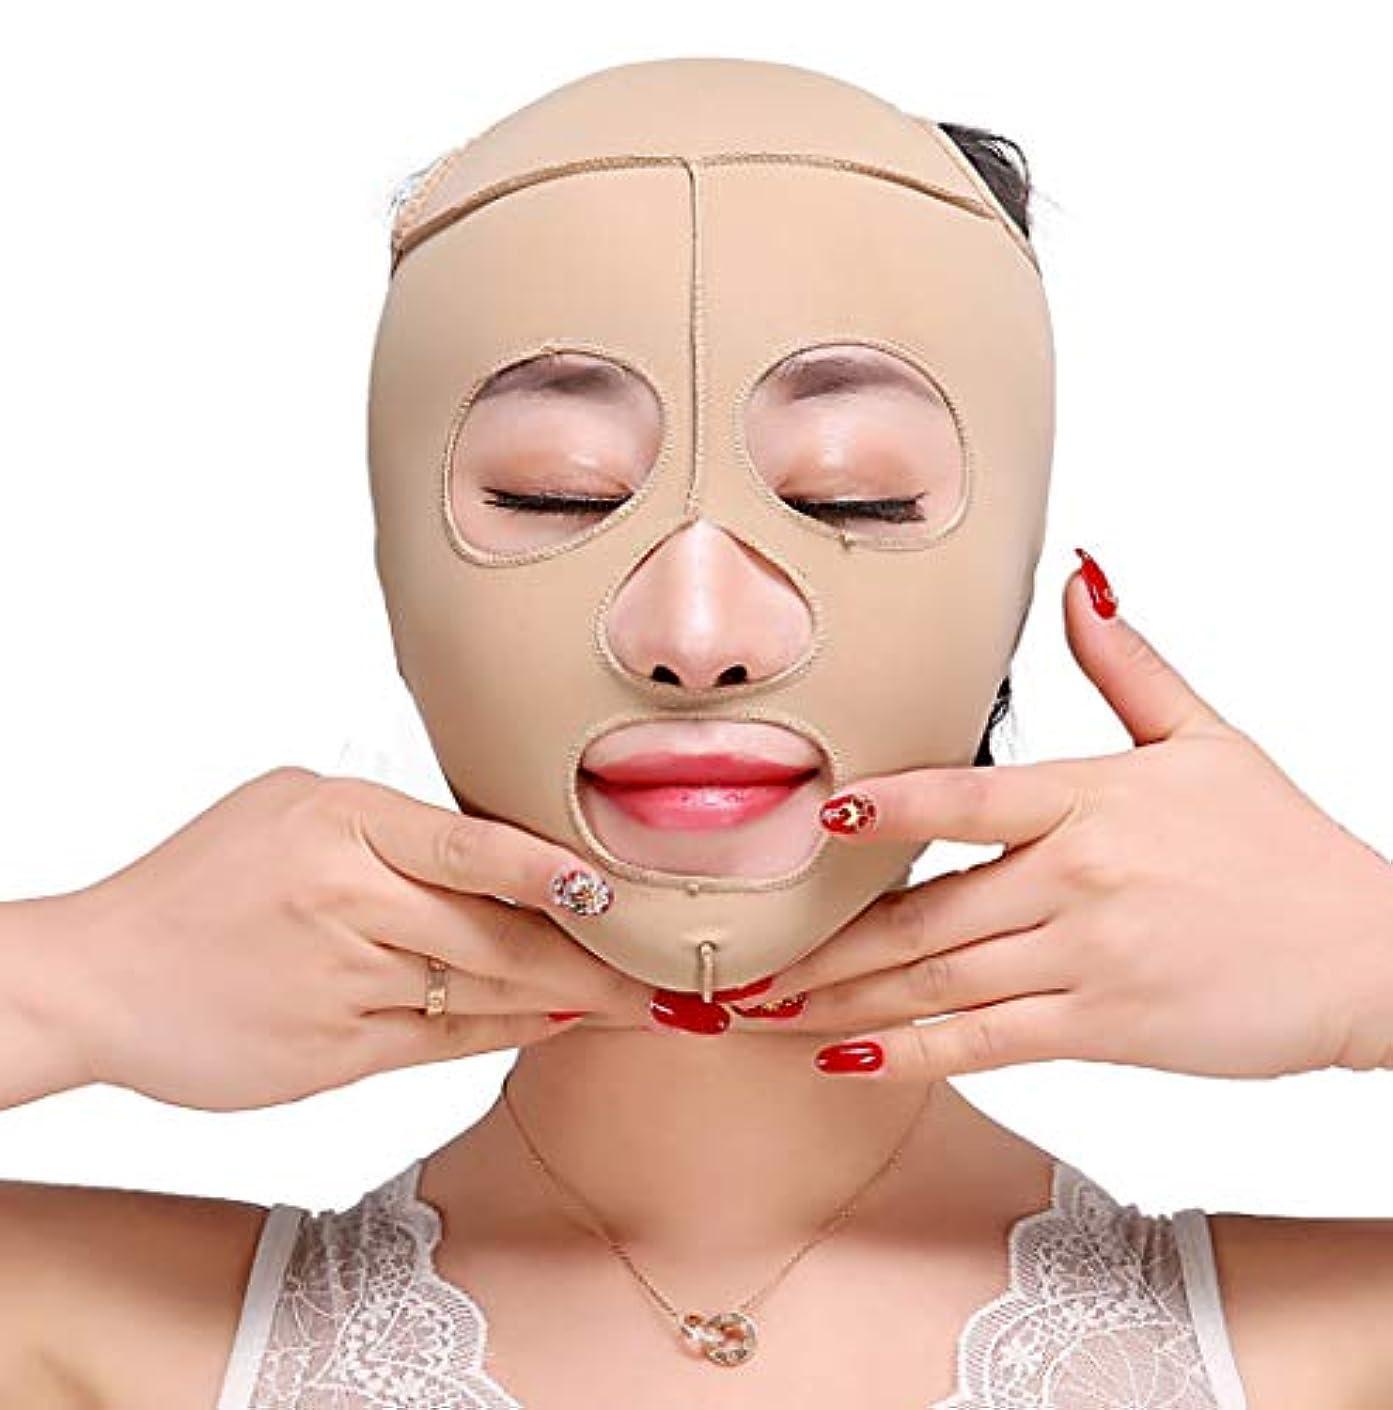 一生ガジュマル属するGLJJQMY 痩身ベルト痩身ベルト薄い顔の包帯小V顔の顔の薄い顔のマスク包帯の強化引き締めV顔美容マスク小さな顔の包帯の頭飾り修正顔の形 顔用整形マスク (Size : M)